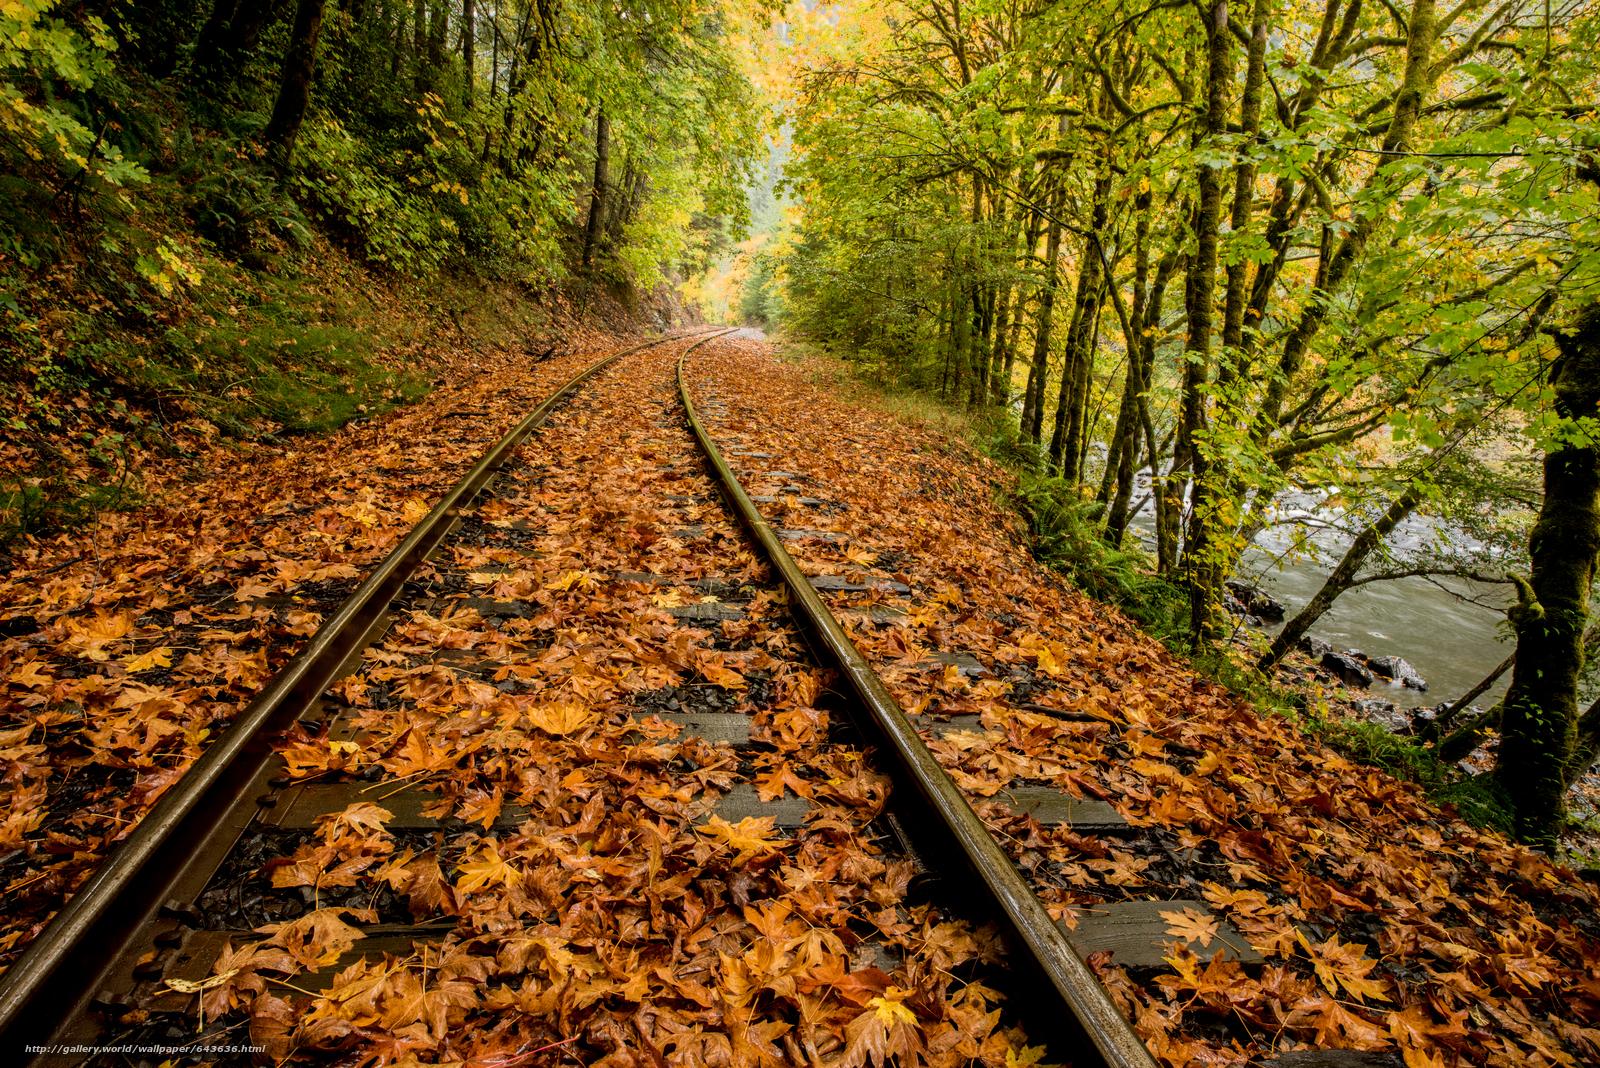 Скачать обои Дождь,  листья,  река,  железная дорога бесплатно для рабочего стола в разрешении 7341x4899 — картинка №643636